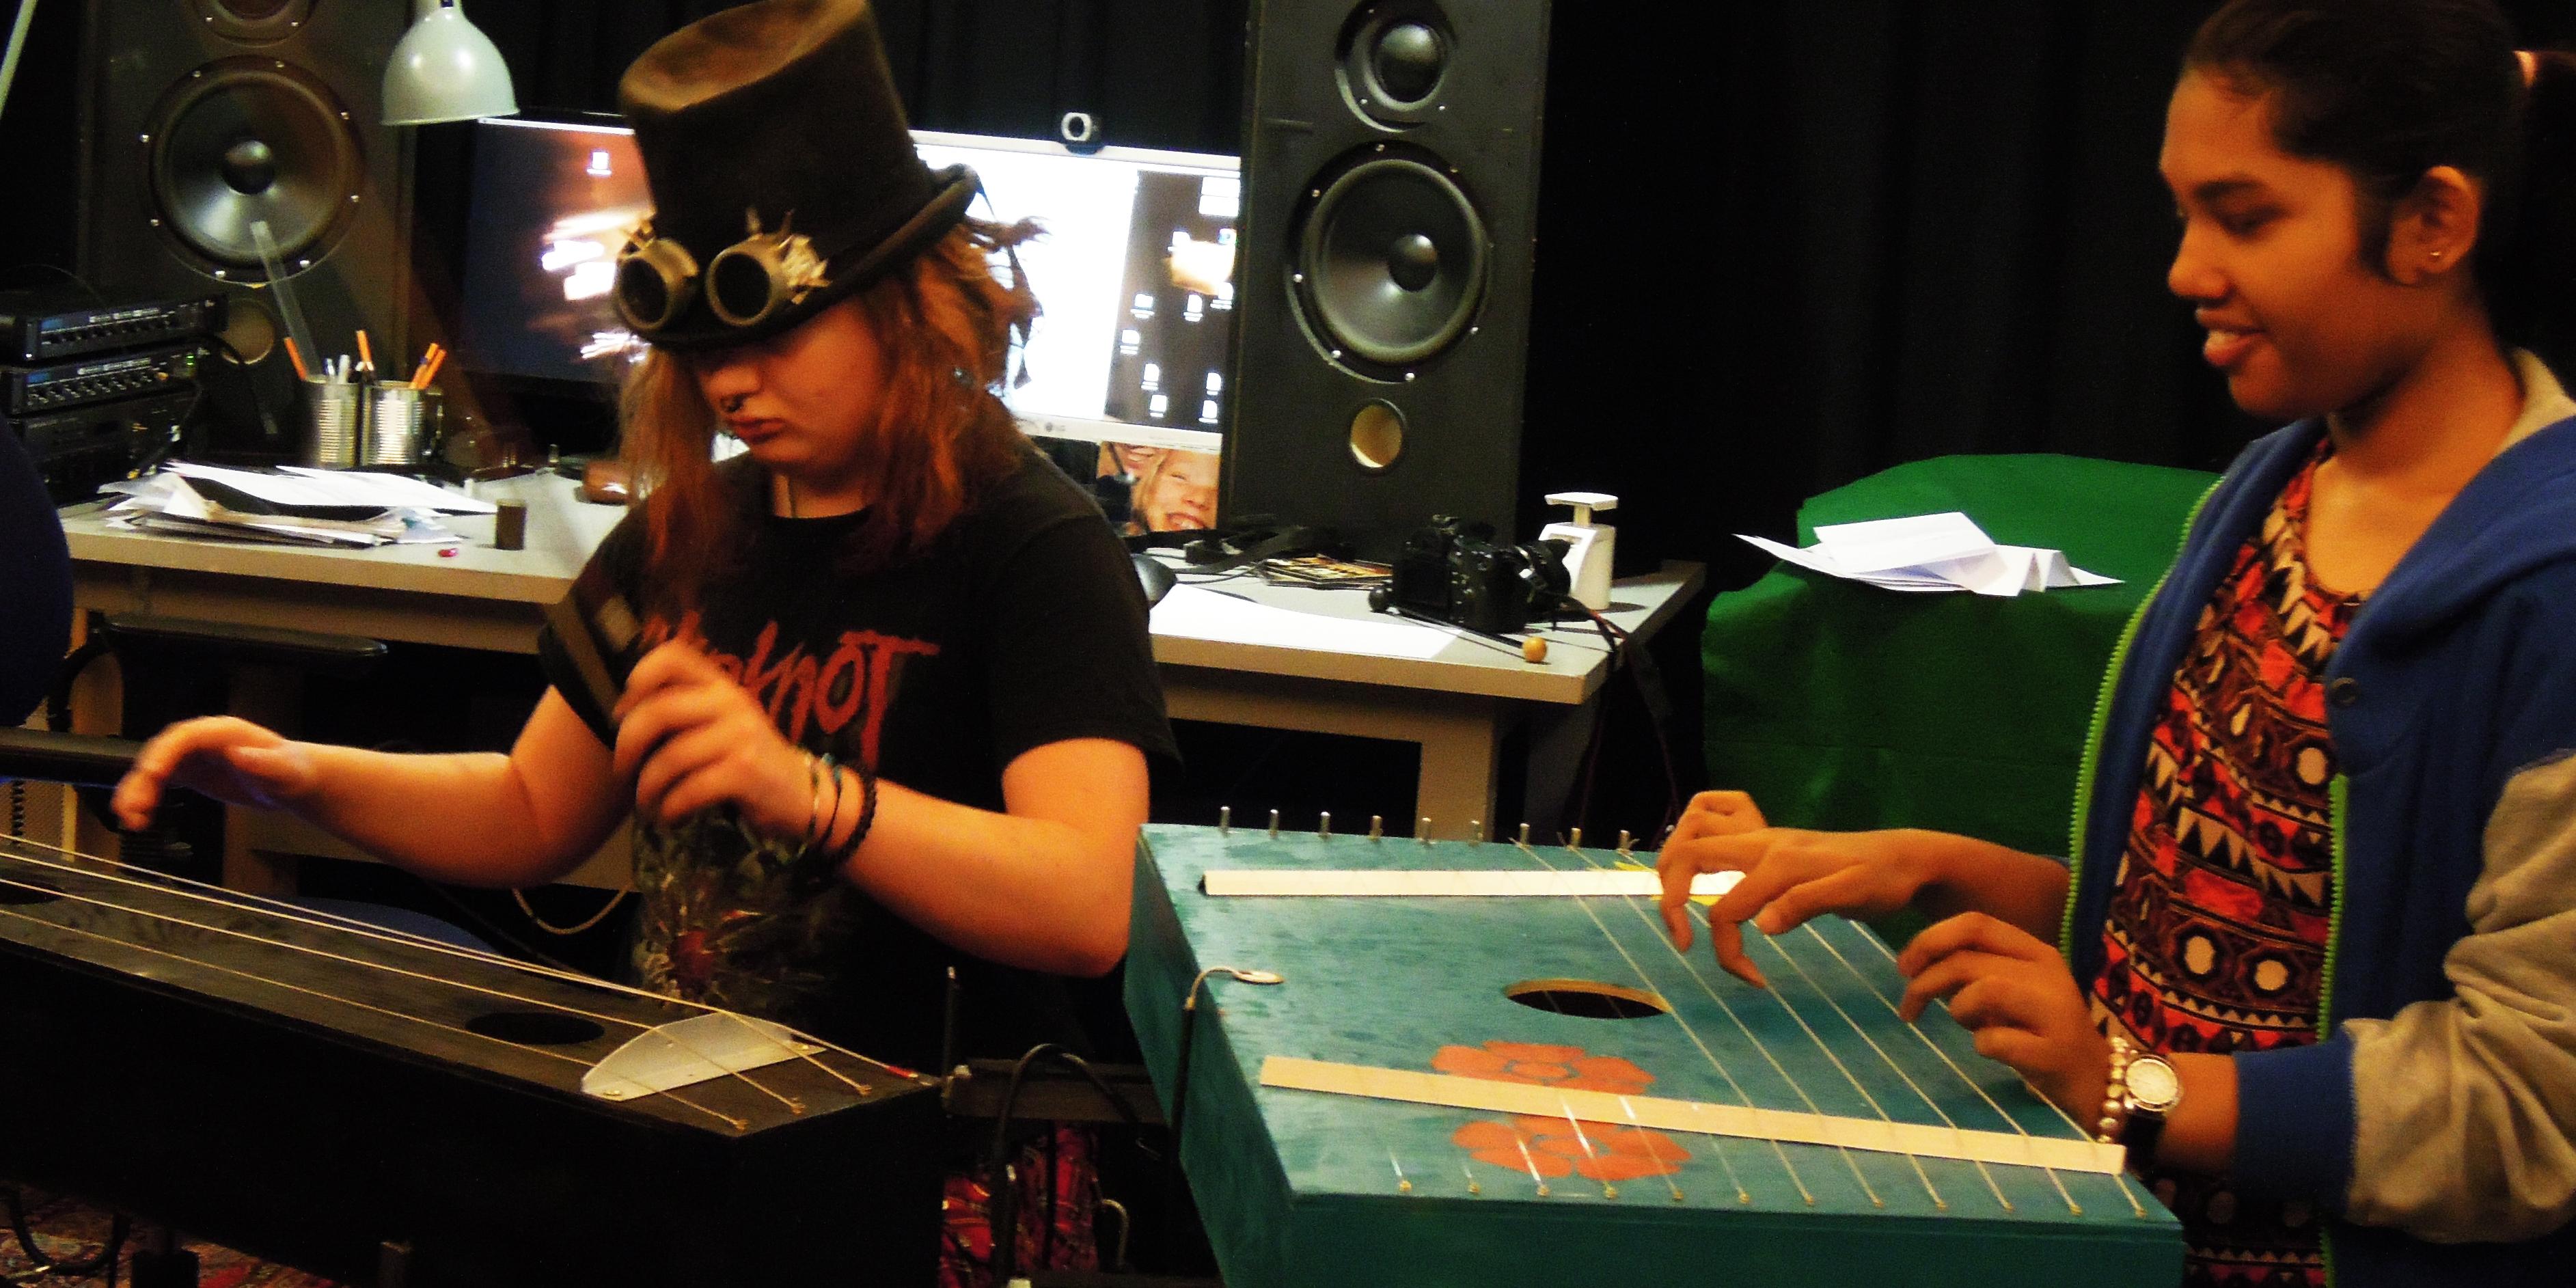 En pojke och en flicka spelar på strängnstrument med stråke respektive händer.